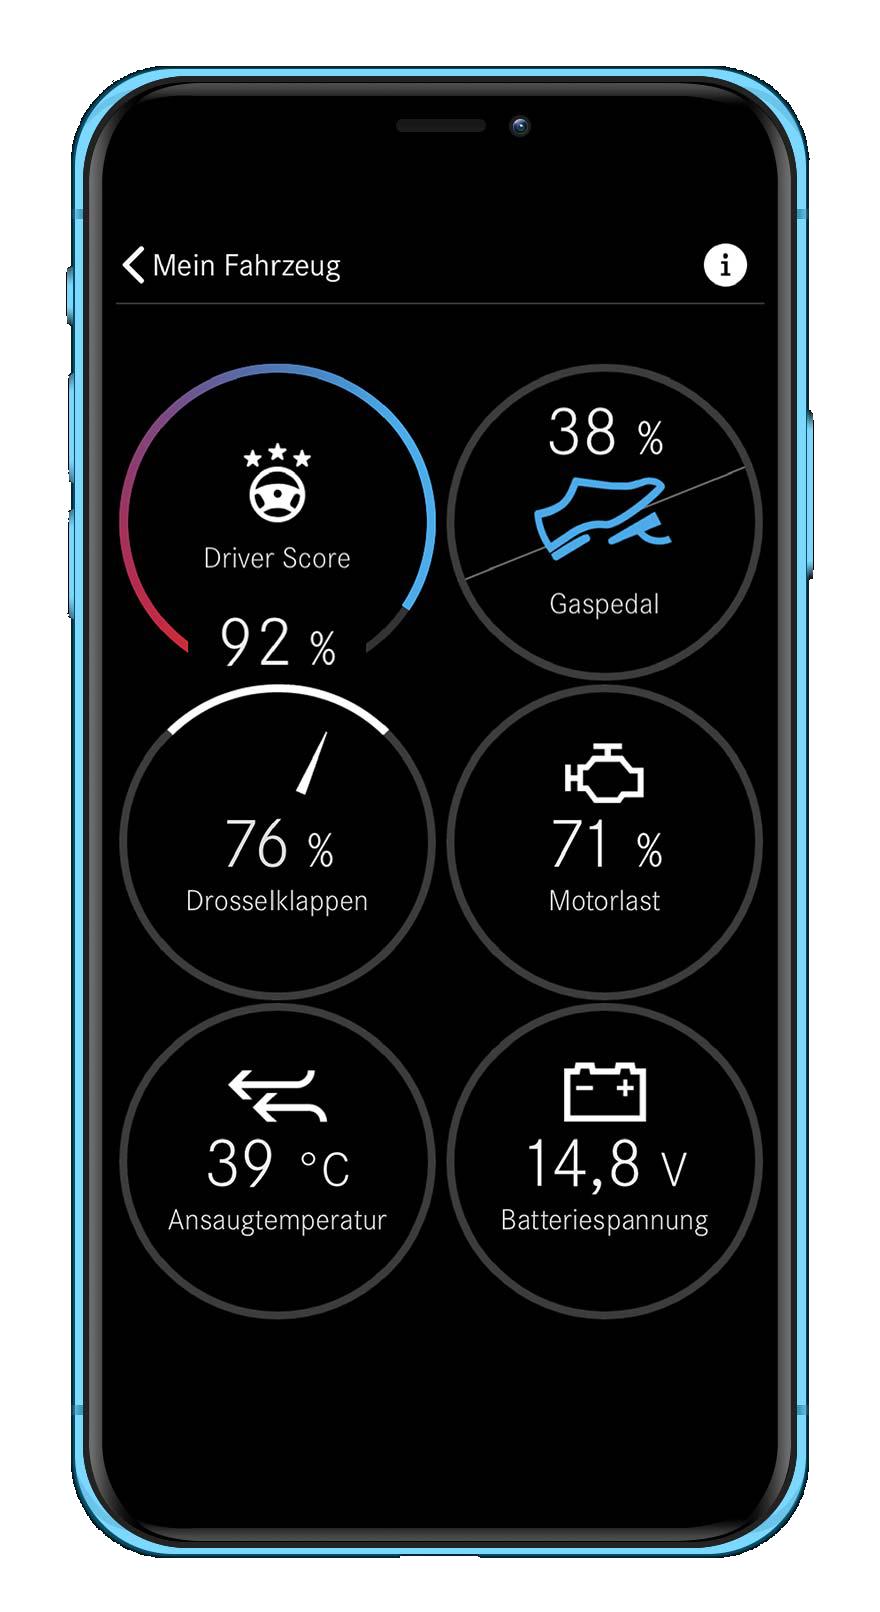 Driver-Score